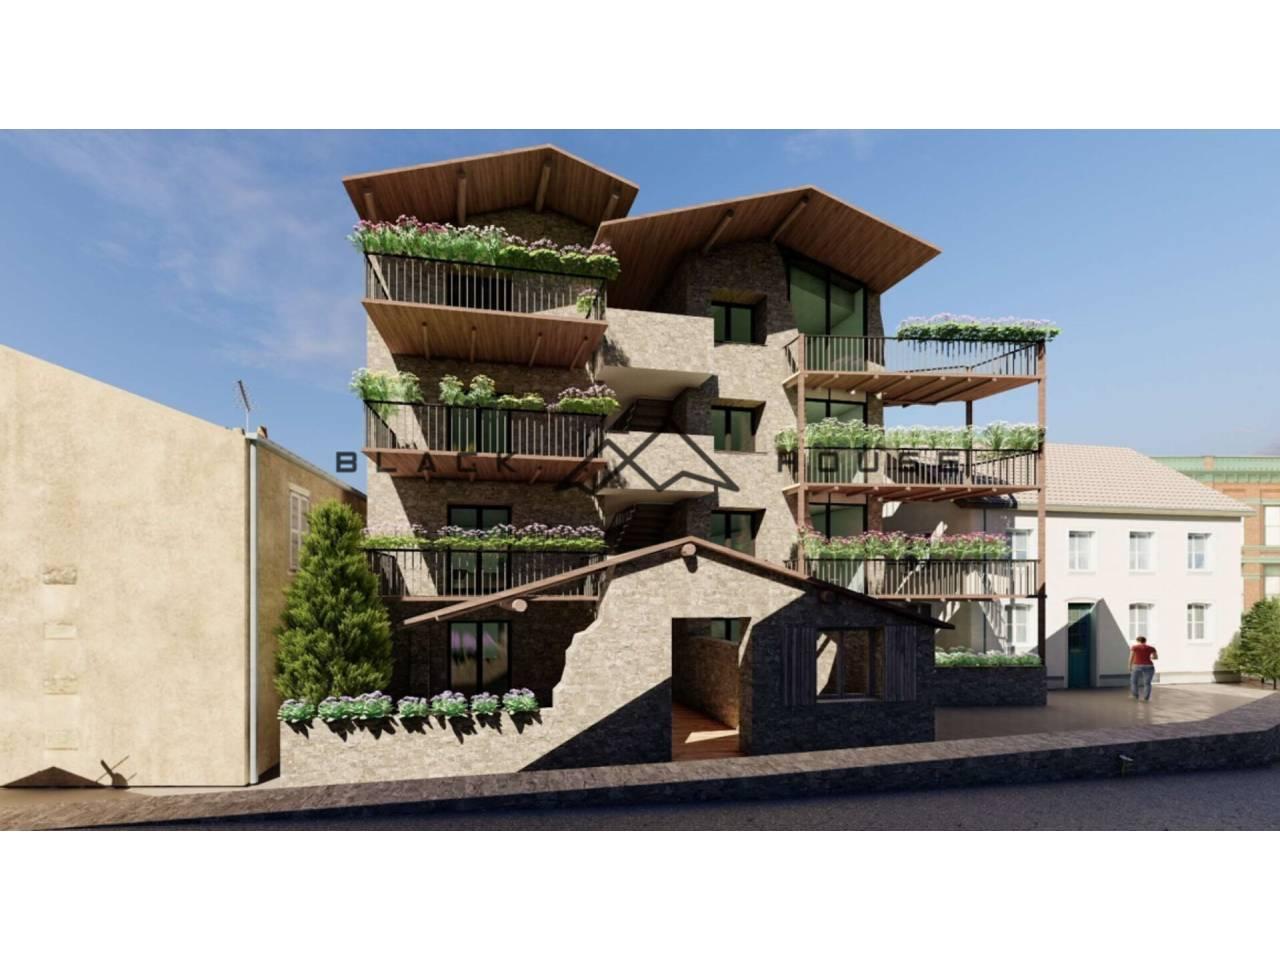 Esplèndida promoció de nova construcció situada en immillorable zona cèntrica d'Escales, a tocar de l'Avinguda Carlemany